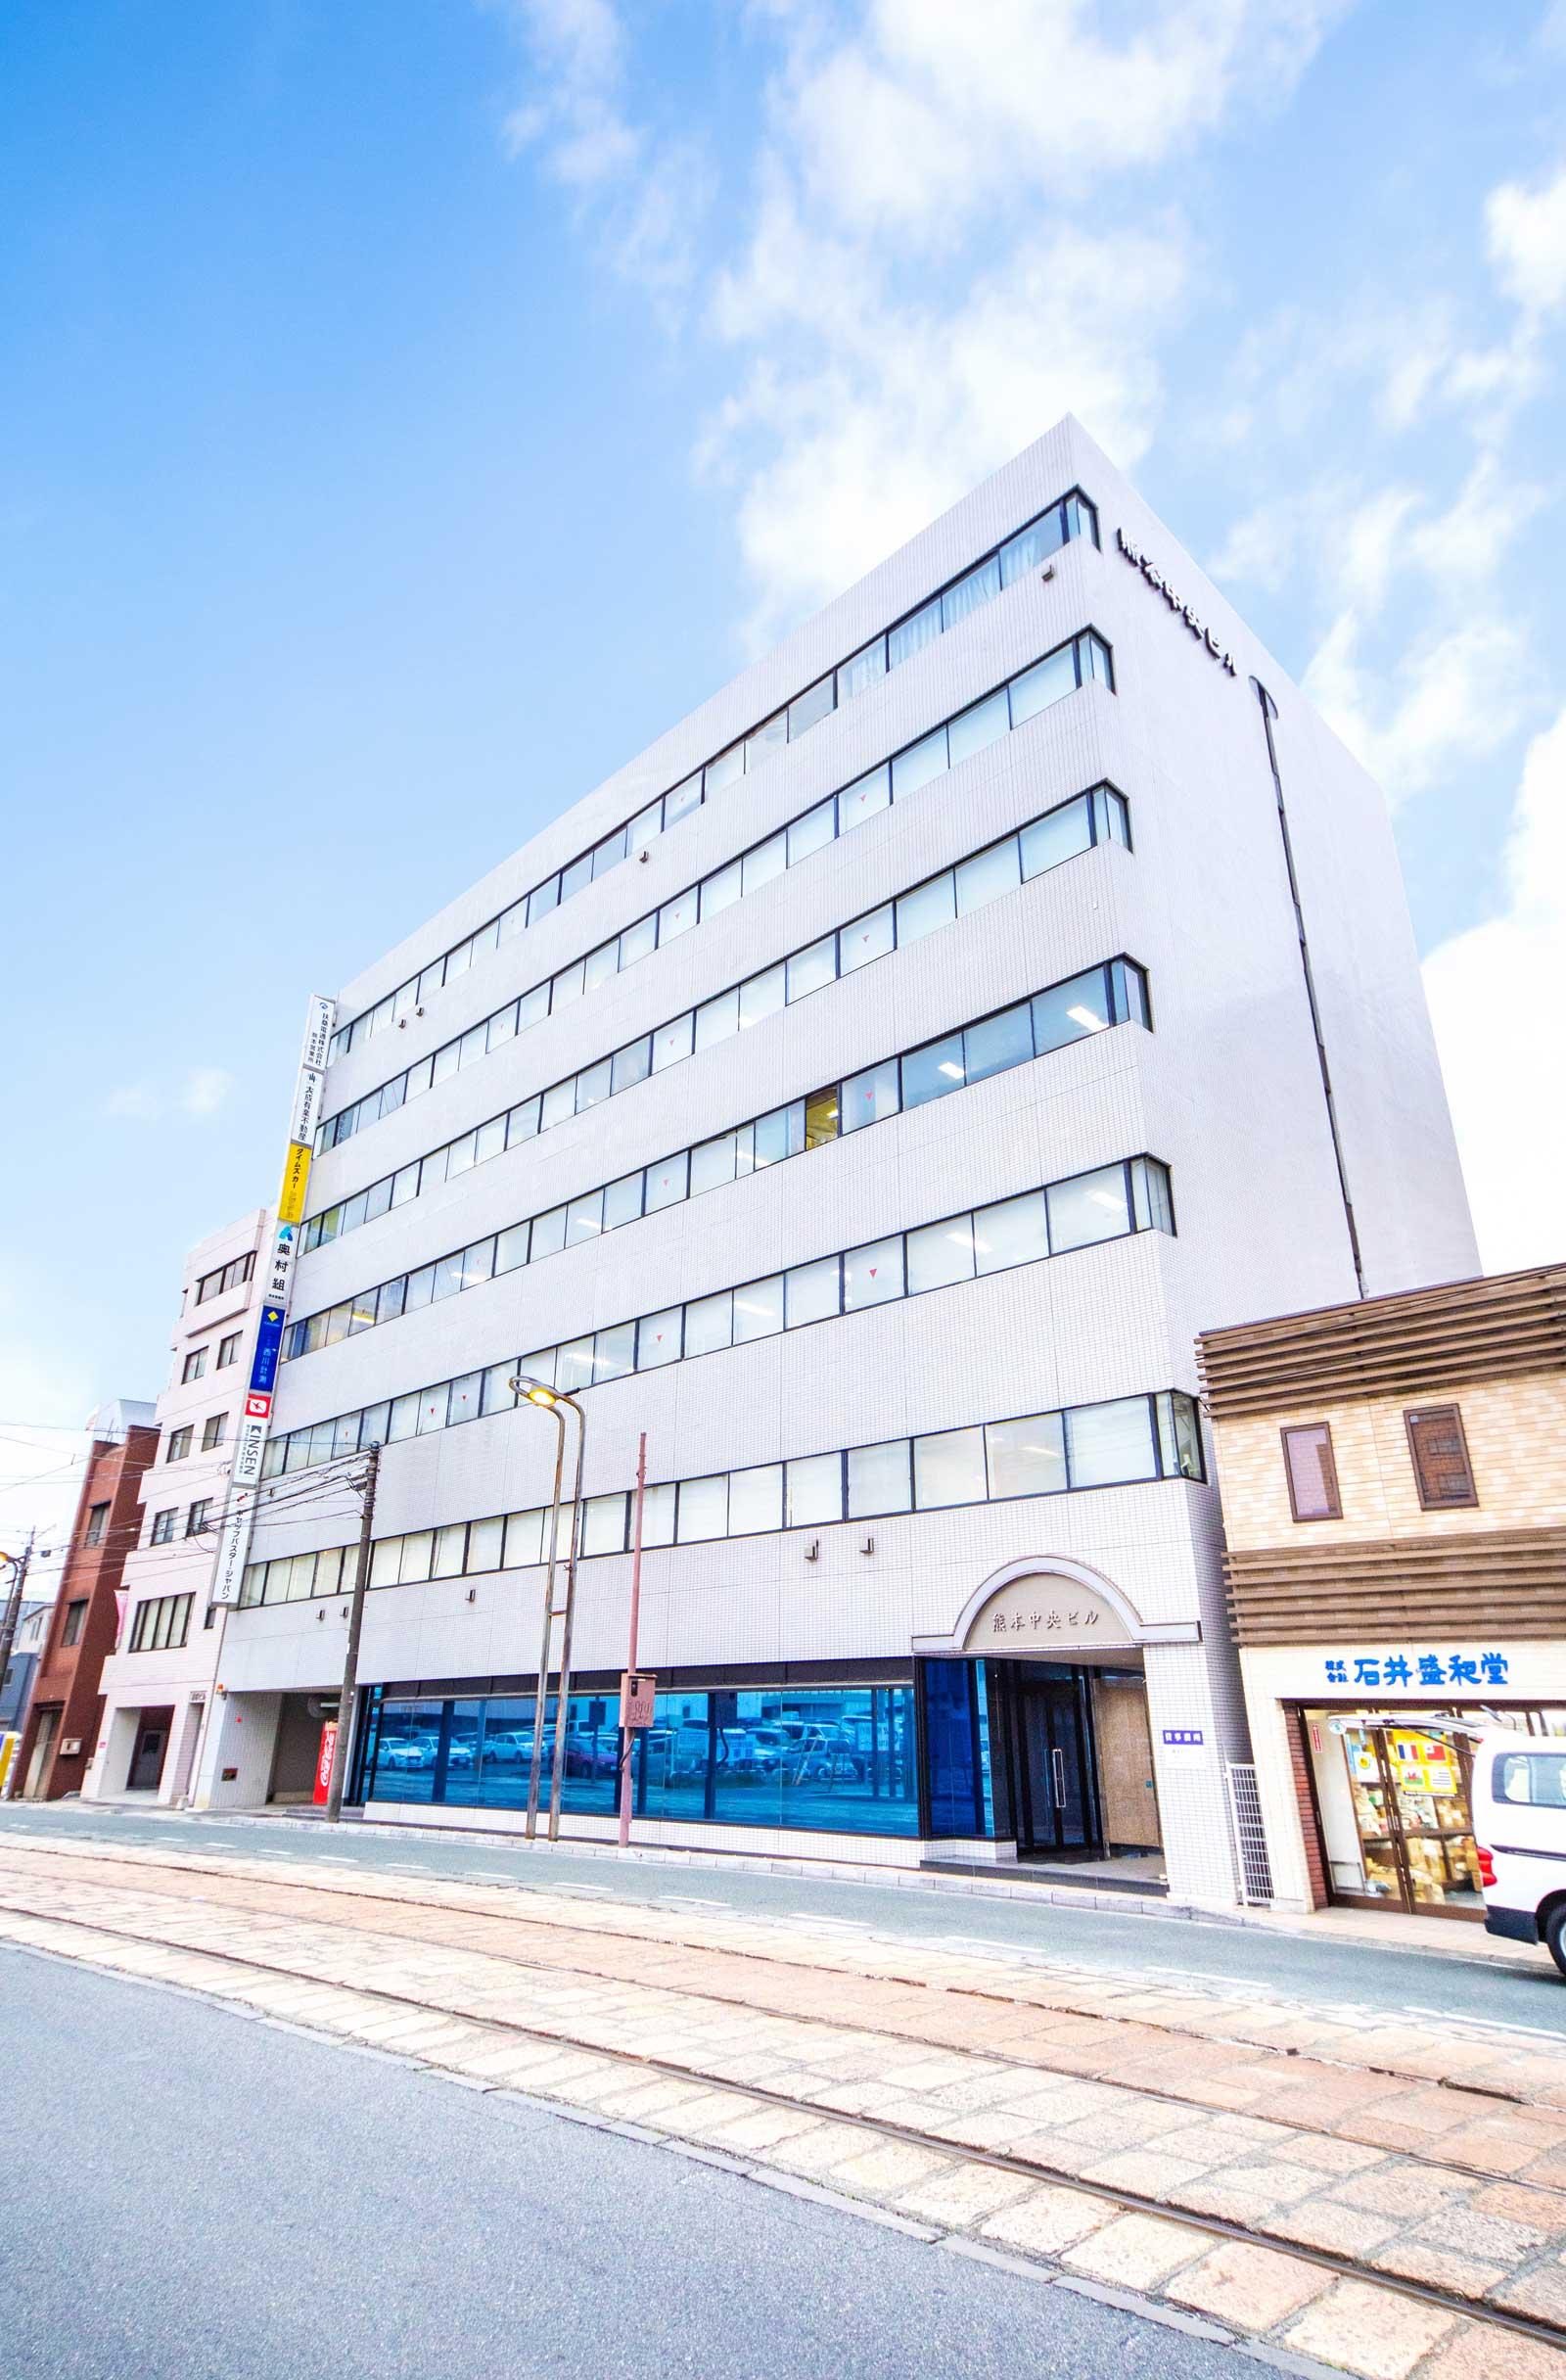 日本eリモデル熊本支店